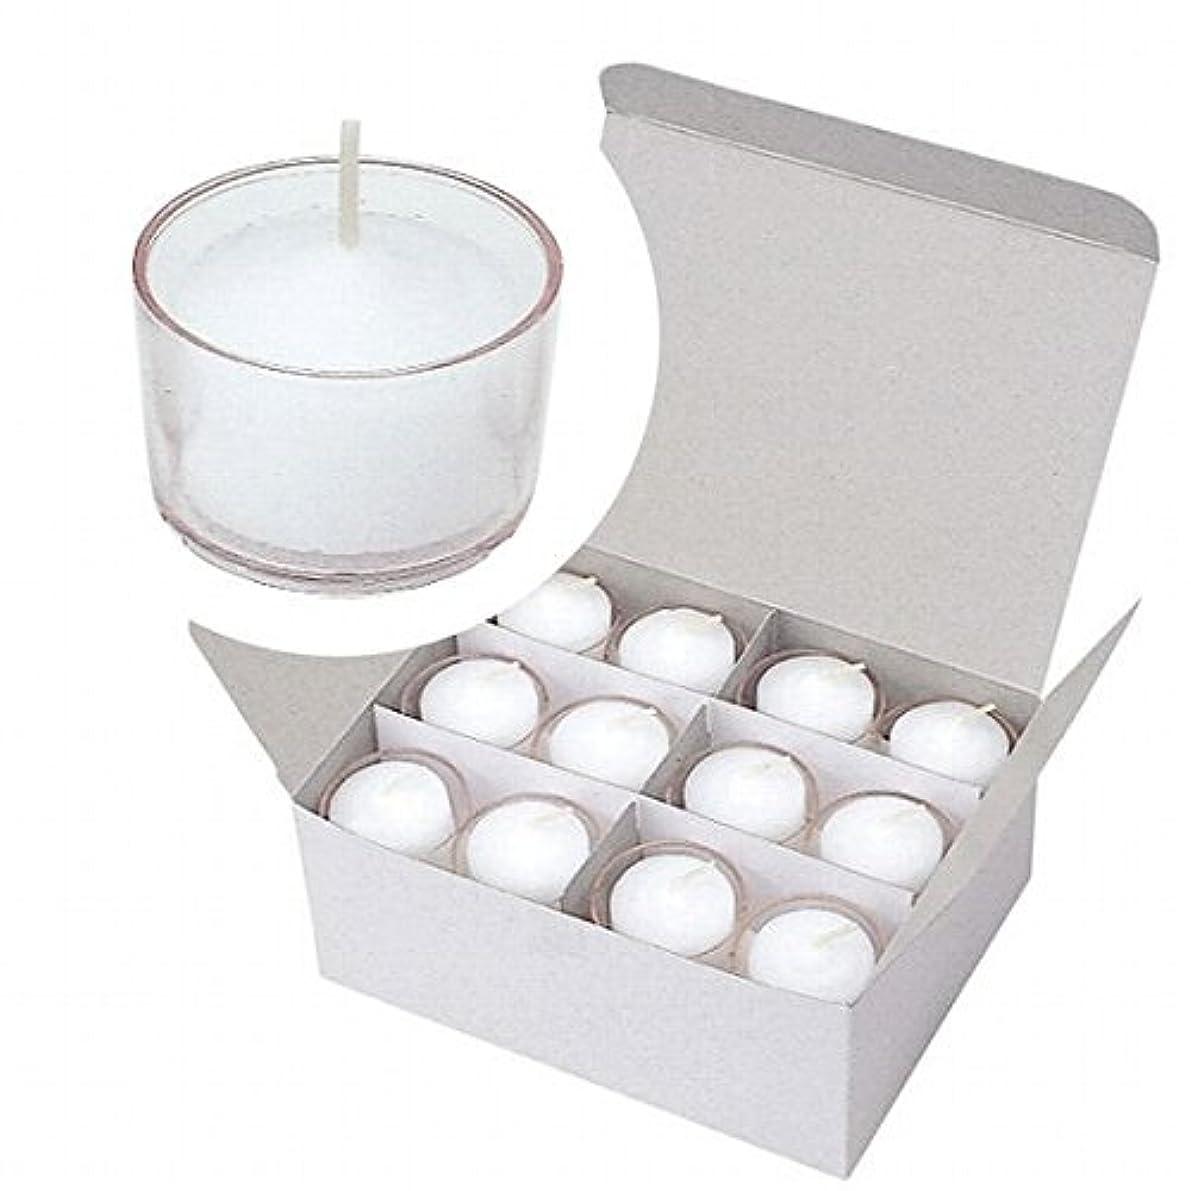 徒歩でレンジウィンクカメヤマキャンドル(kameyama candle) クリアカップボーティブ4時間タイプ 24個入り 「 クリア 」